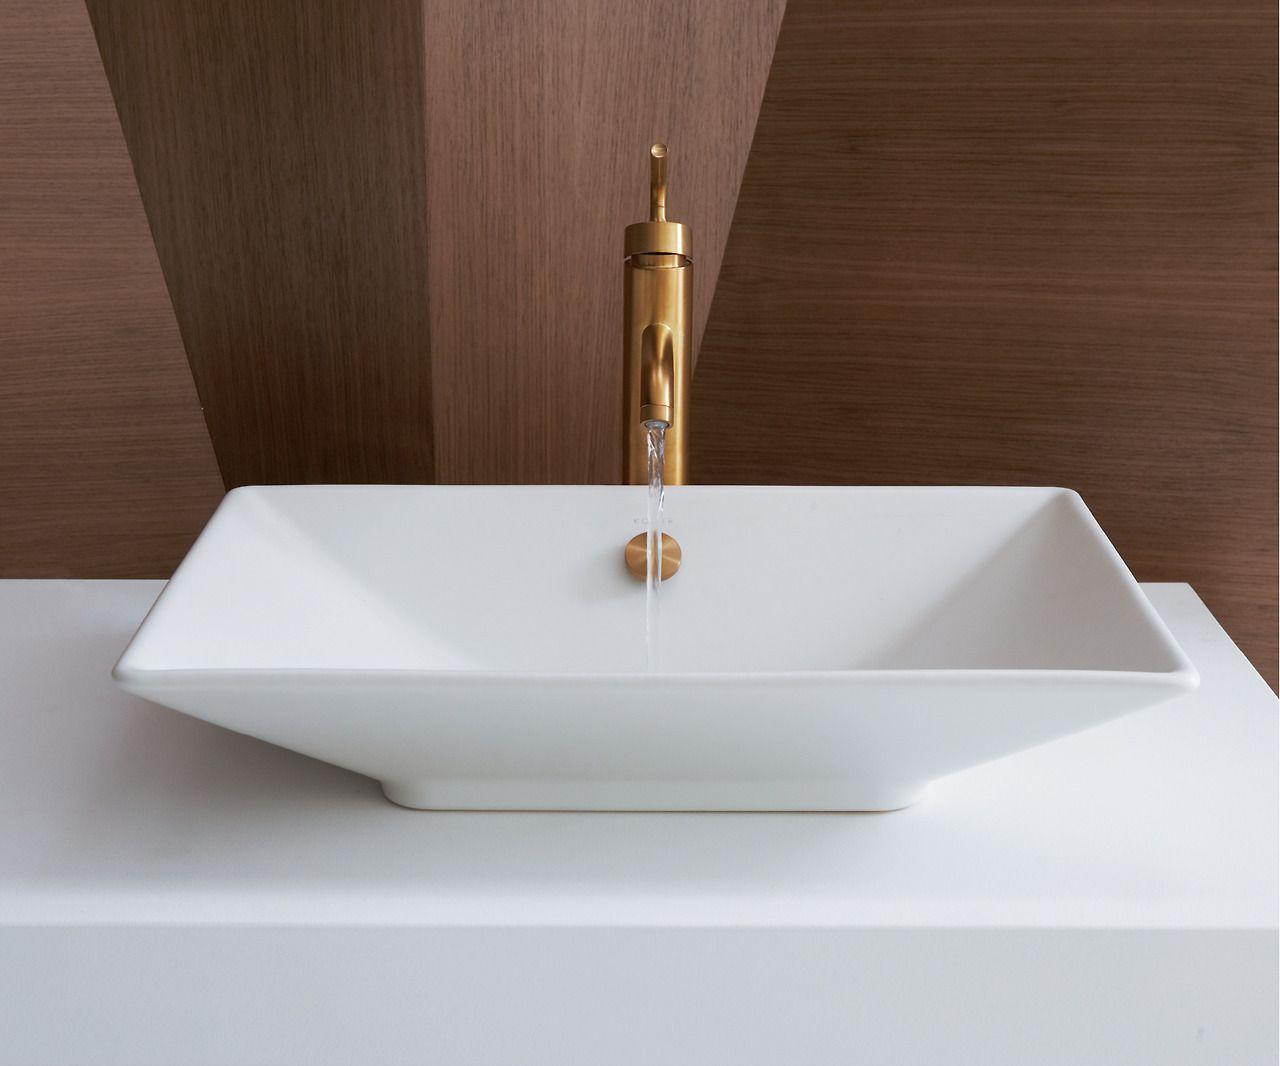 The Bold Look Of Kohler Sink Above Counter Bathroom Sink Kohler